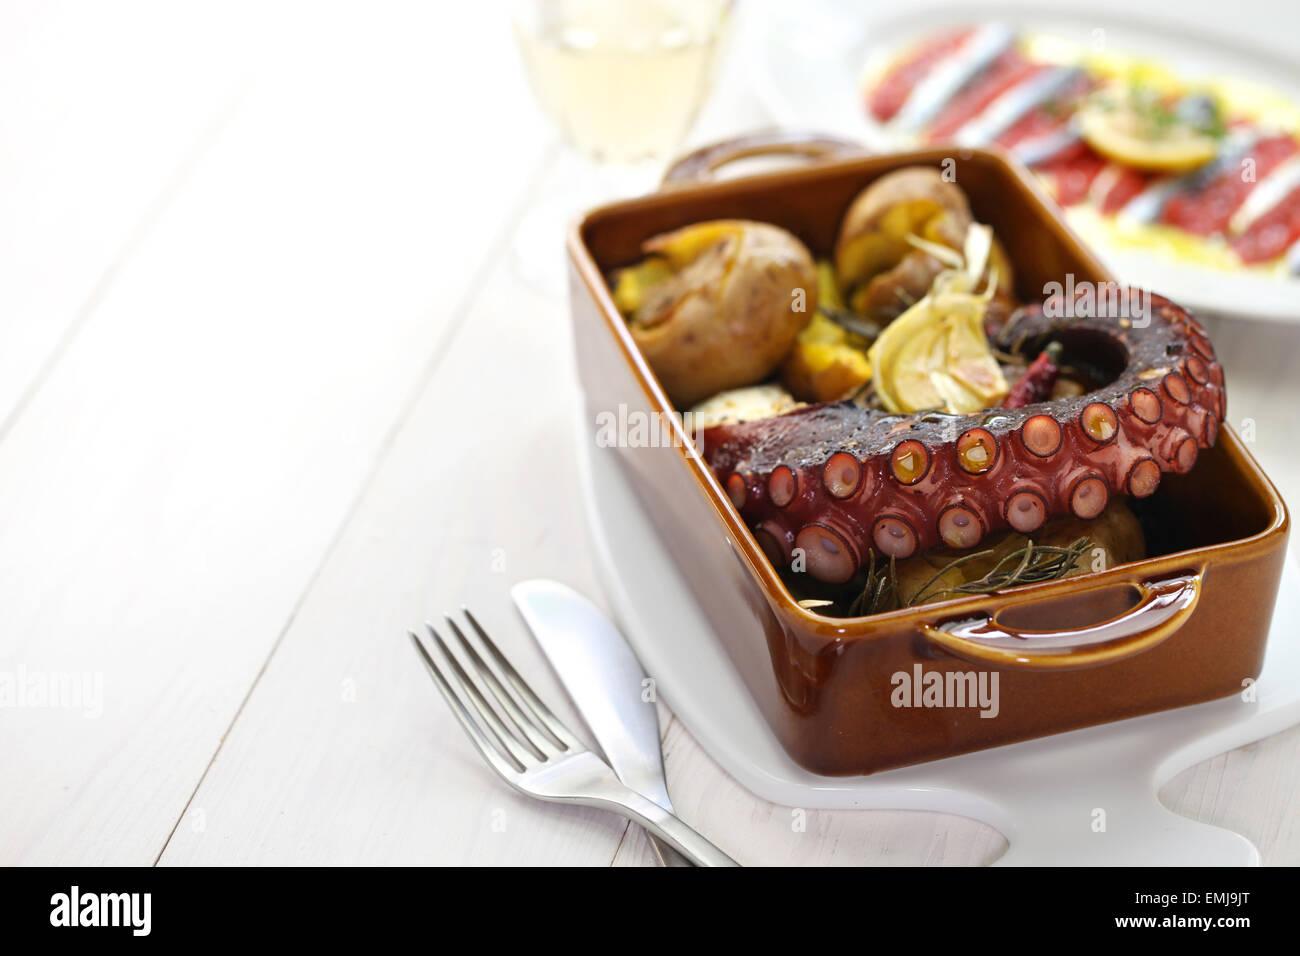 Gegrillter Tintenfisch mit Kartoffeln, Polvo ein Lagareiro com Batata ein Murro, portugiesische Küche Stockfoto